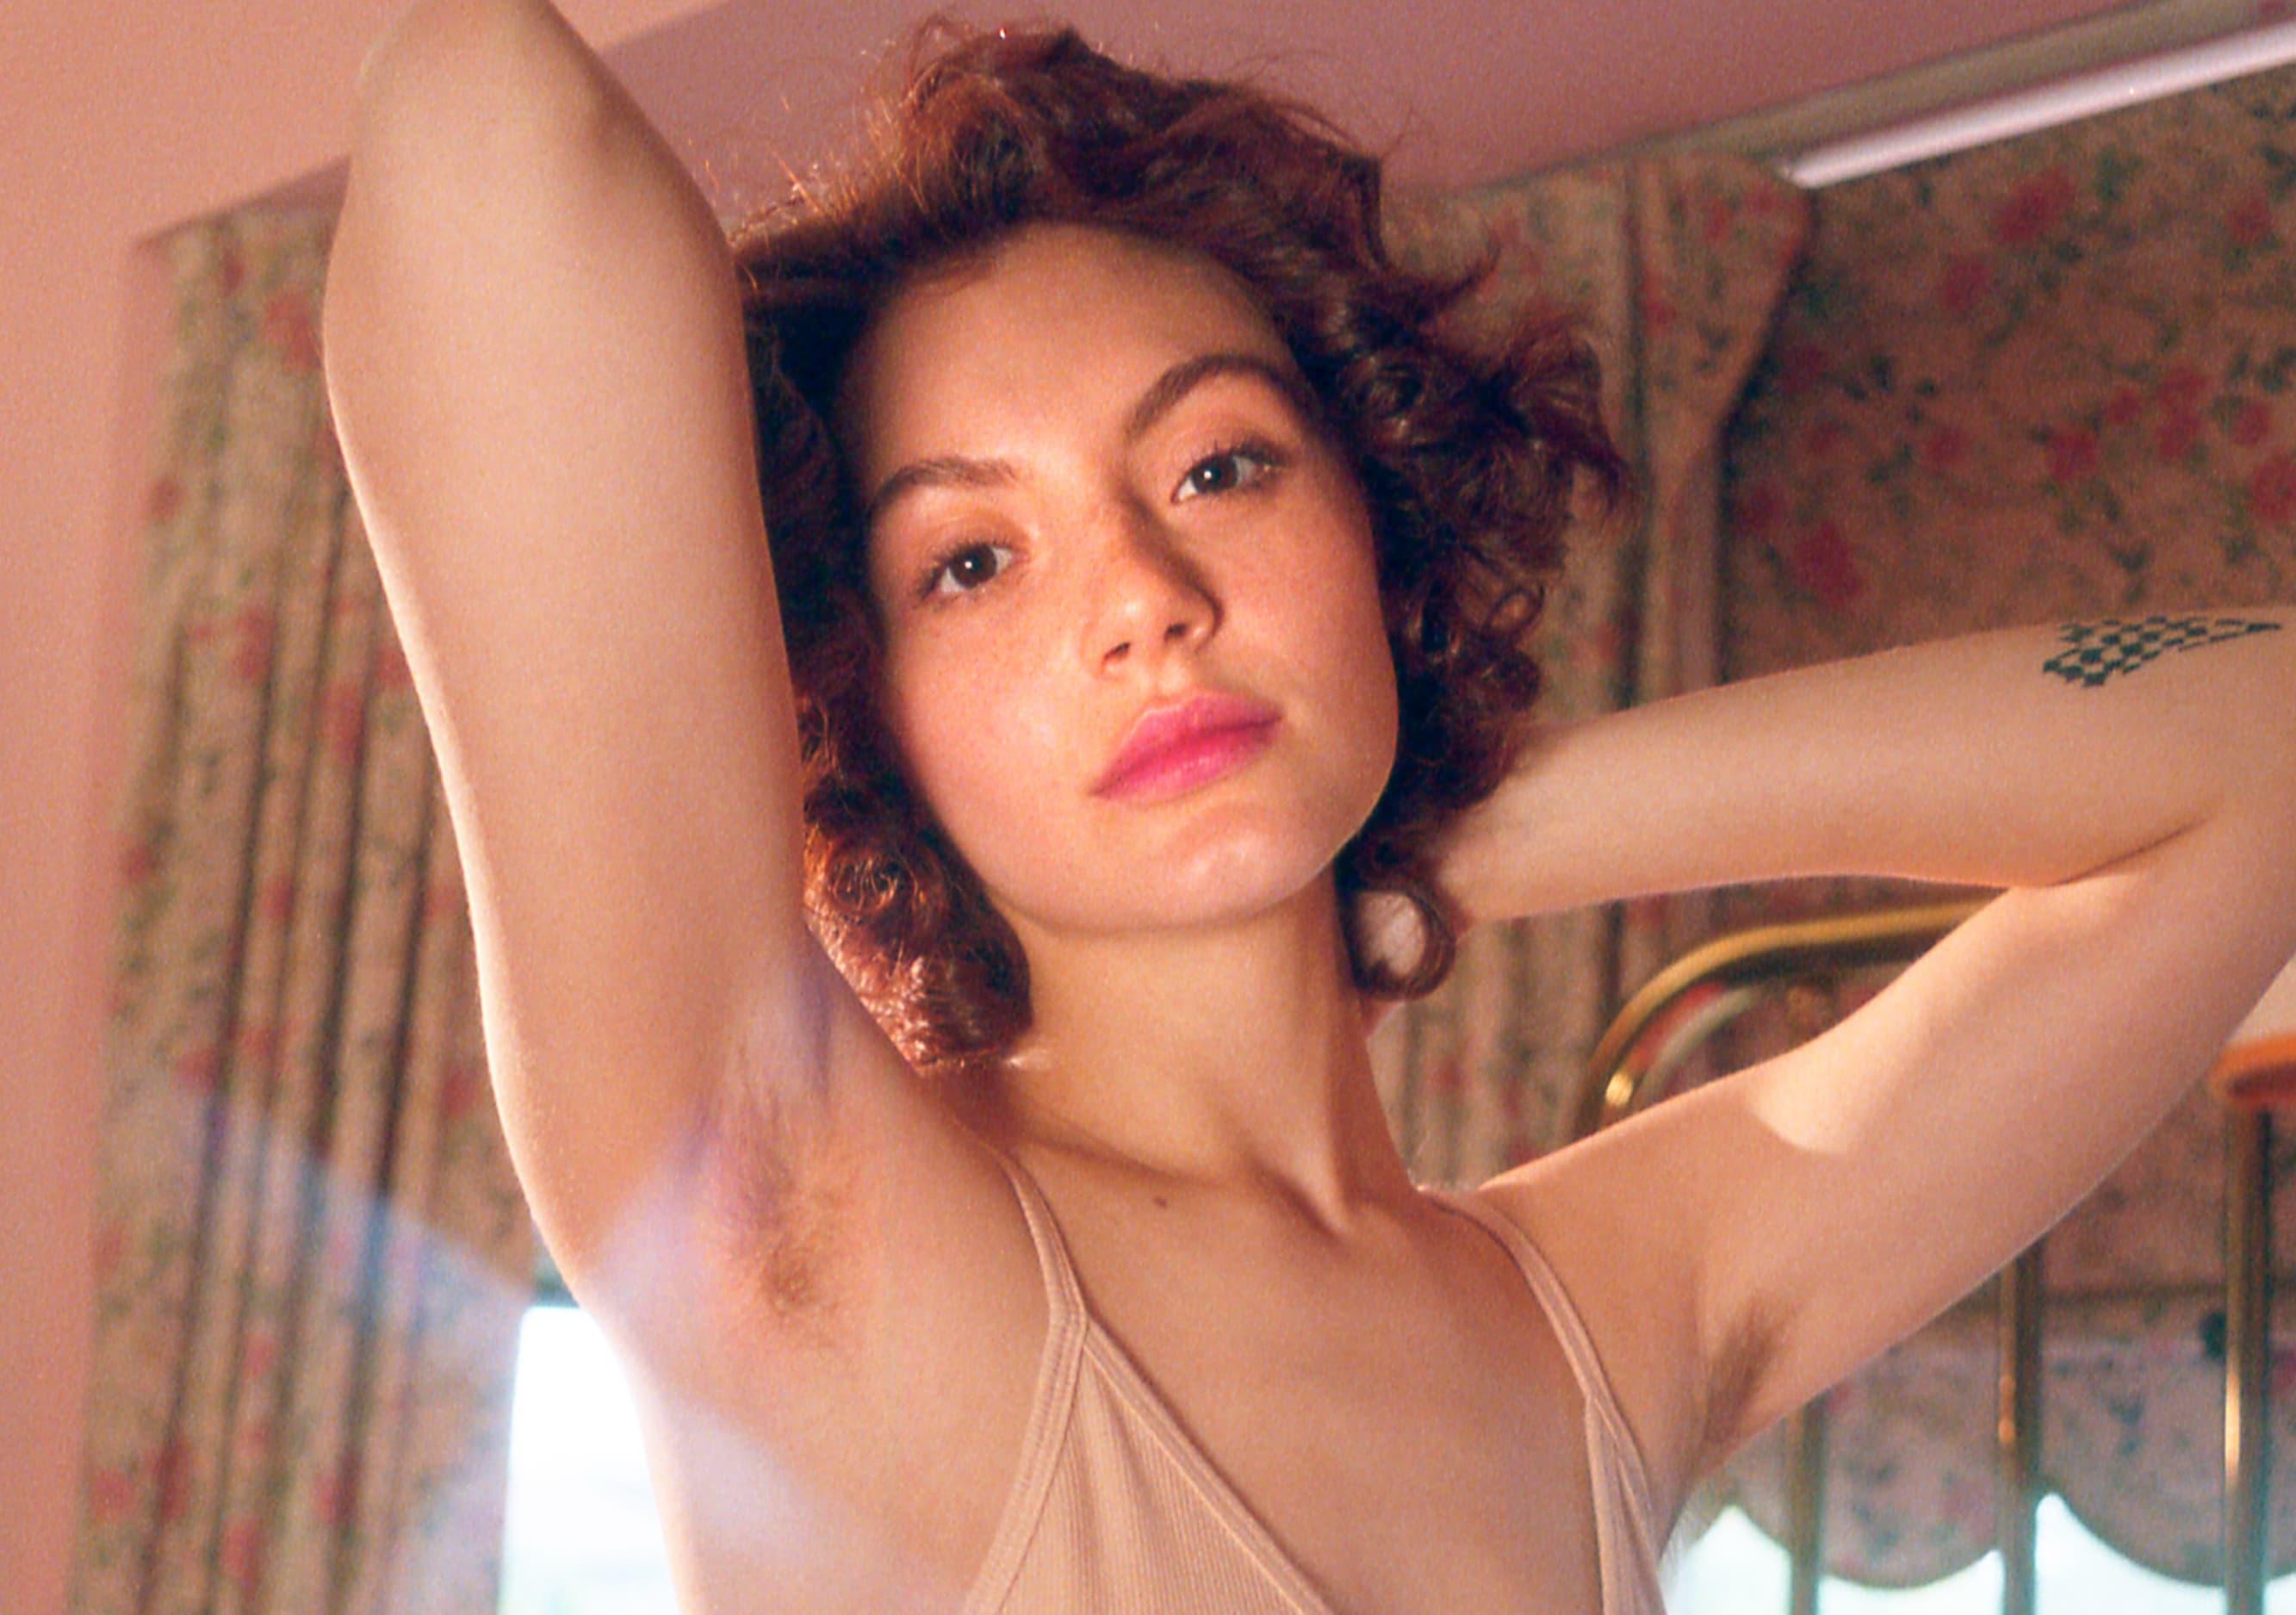 女性の腋毛